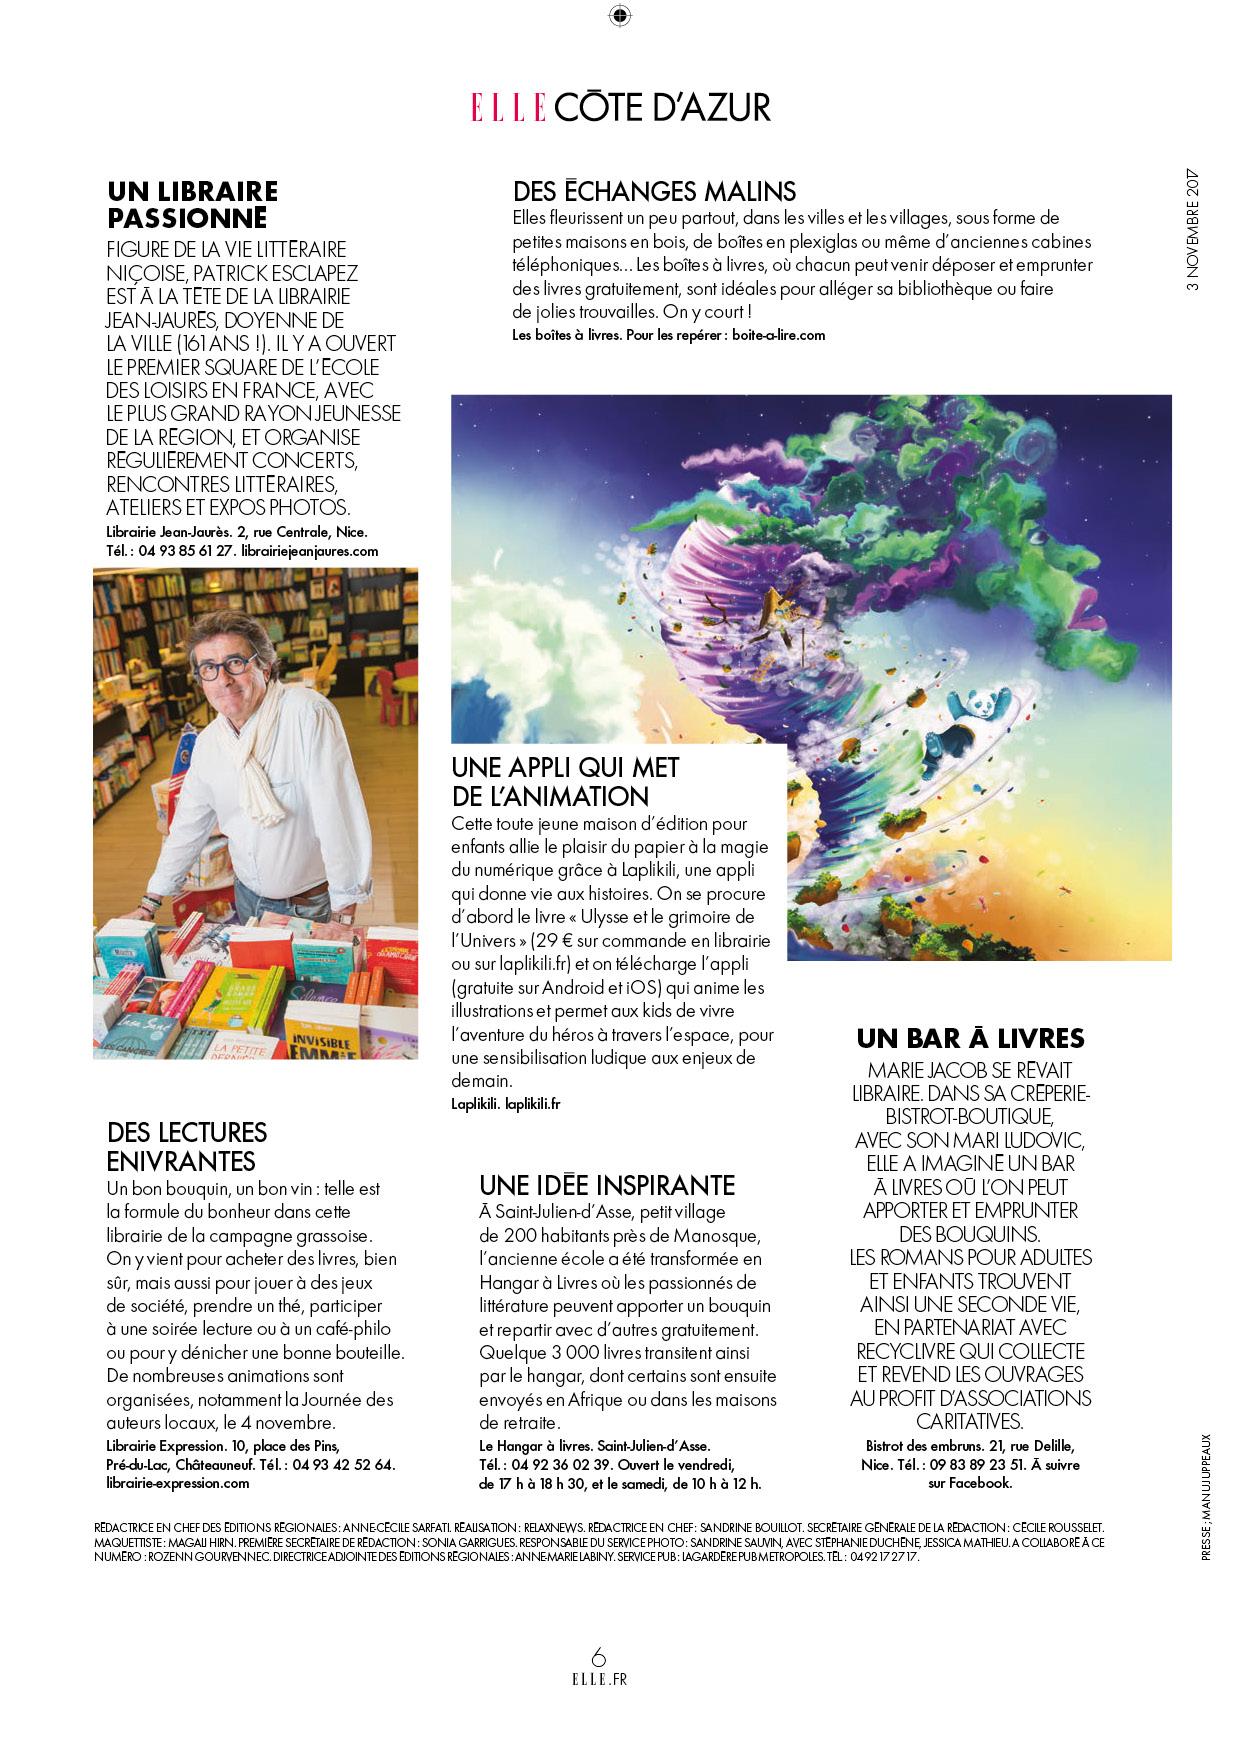 ELLE Magazine Côte d'Azur Laplikili Ulysse